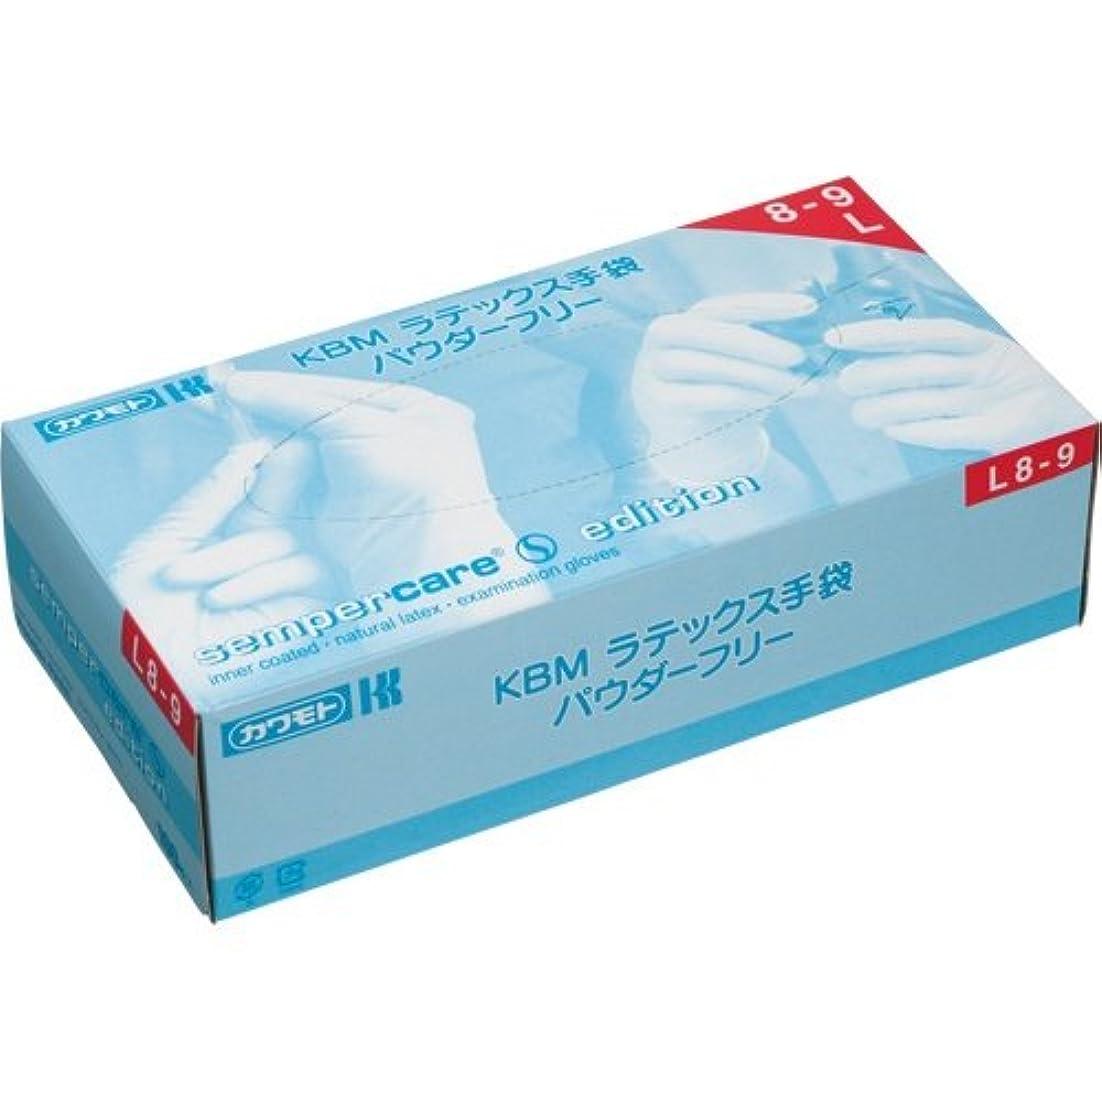 モネアカデミー騒カワモト KBM ラテックス手袋 パウダーフリー L 1セット(300枚:100枚×3箱)